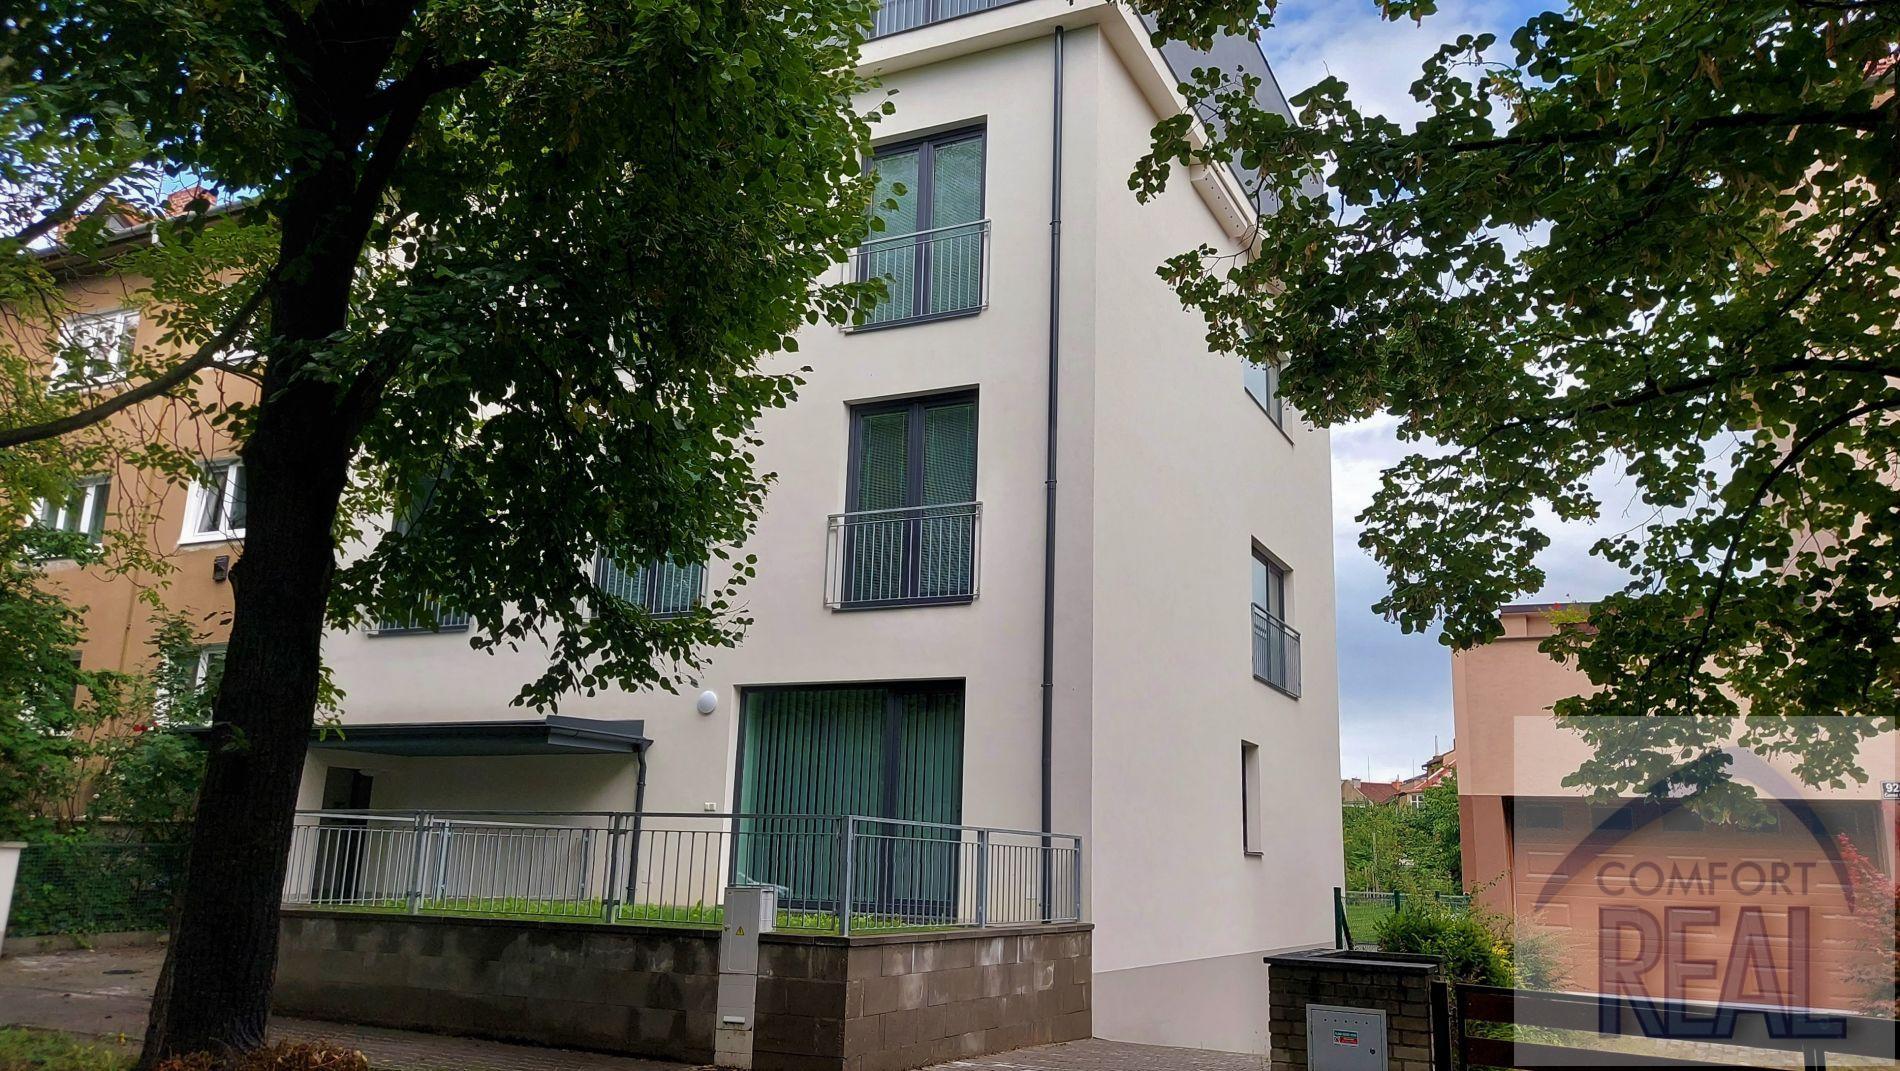 Pronájem bytu 4+kk S terasou, na ulici Mathonova, Brno - Černá Pole